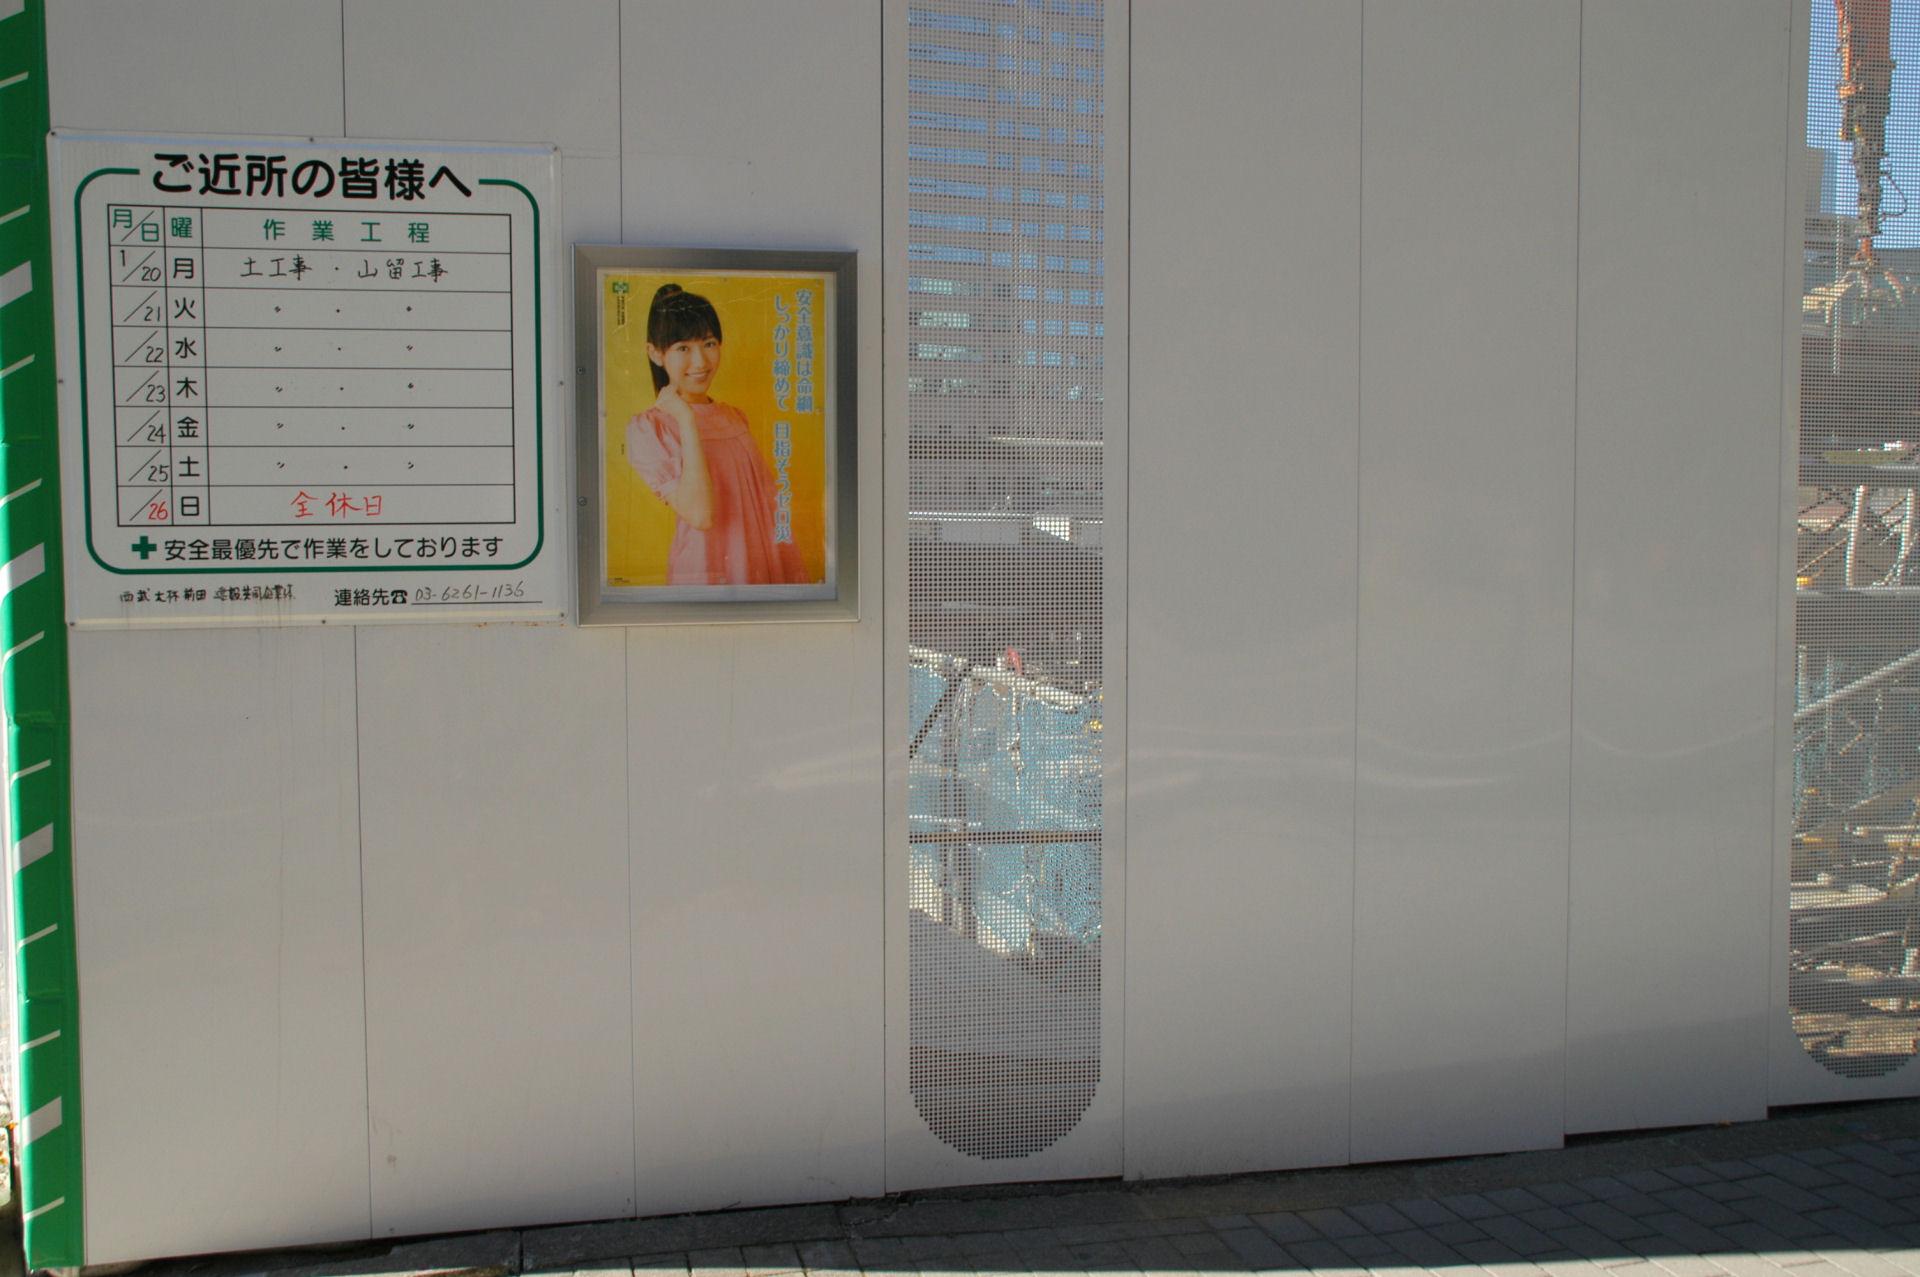 akasaka14010236e.jpg